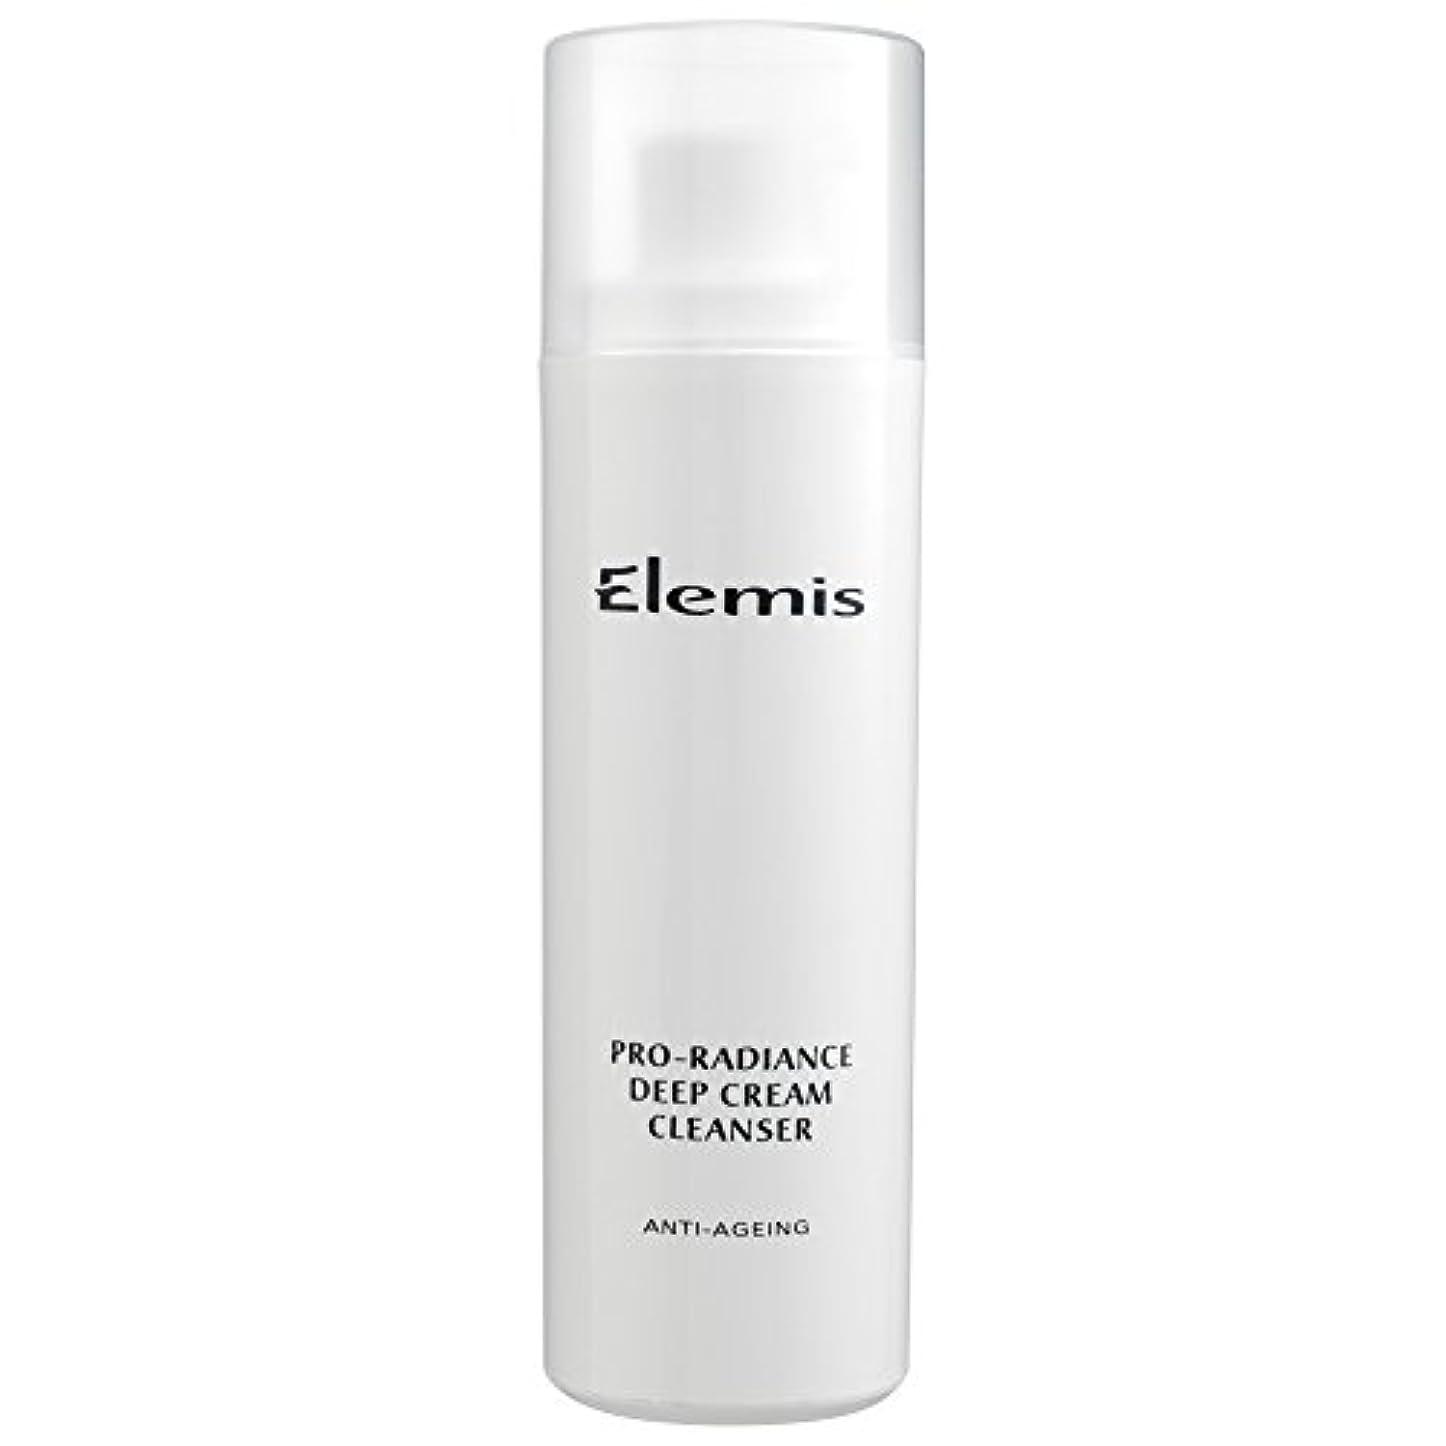 ケントおそらく胴体エレミスプロ輝きクリームクレンザー、150ミリリットル (Elemis) (x2) - Elemis Pro-Radiance Cream Cleanser, 150ml (Pack of 2) [並行輸入品]